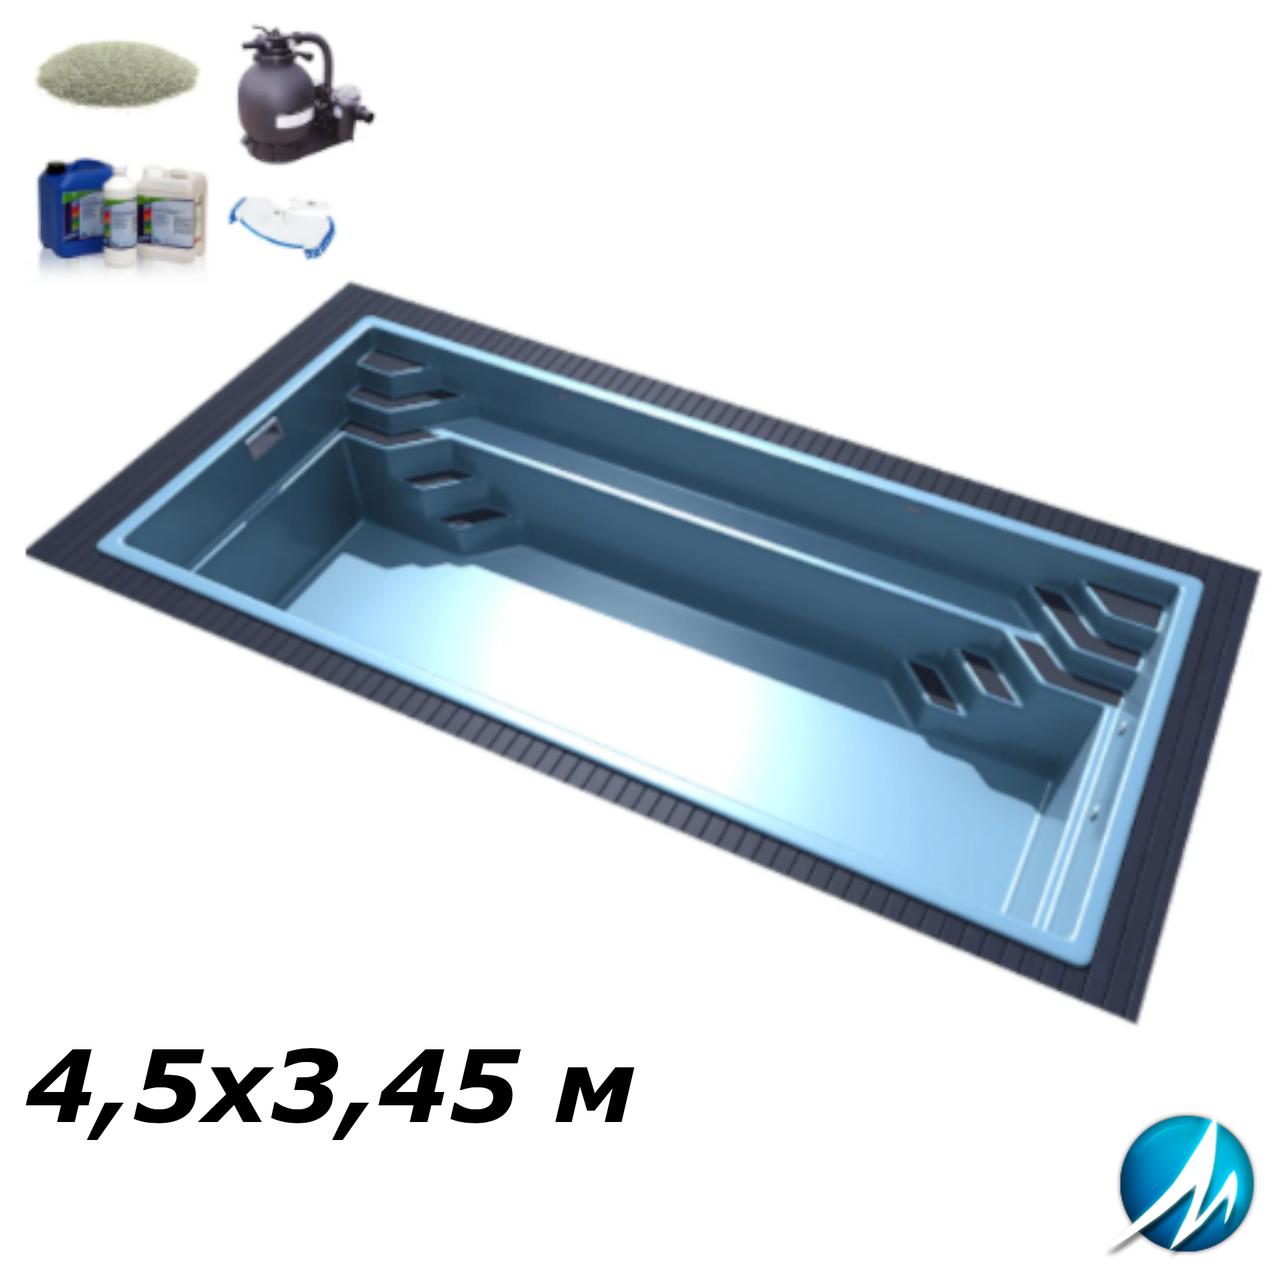 Комплект обладнання для скловолоконного басейну 4,5х3,45 м